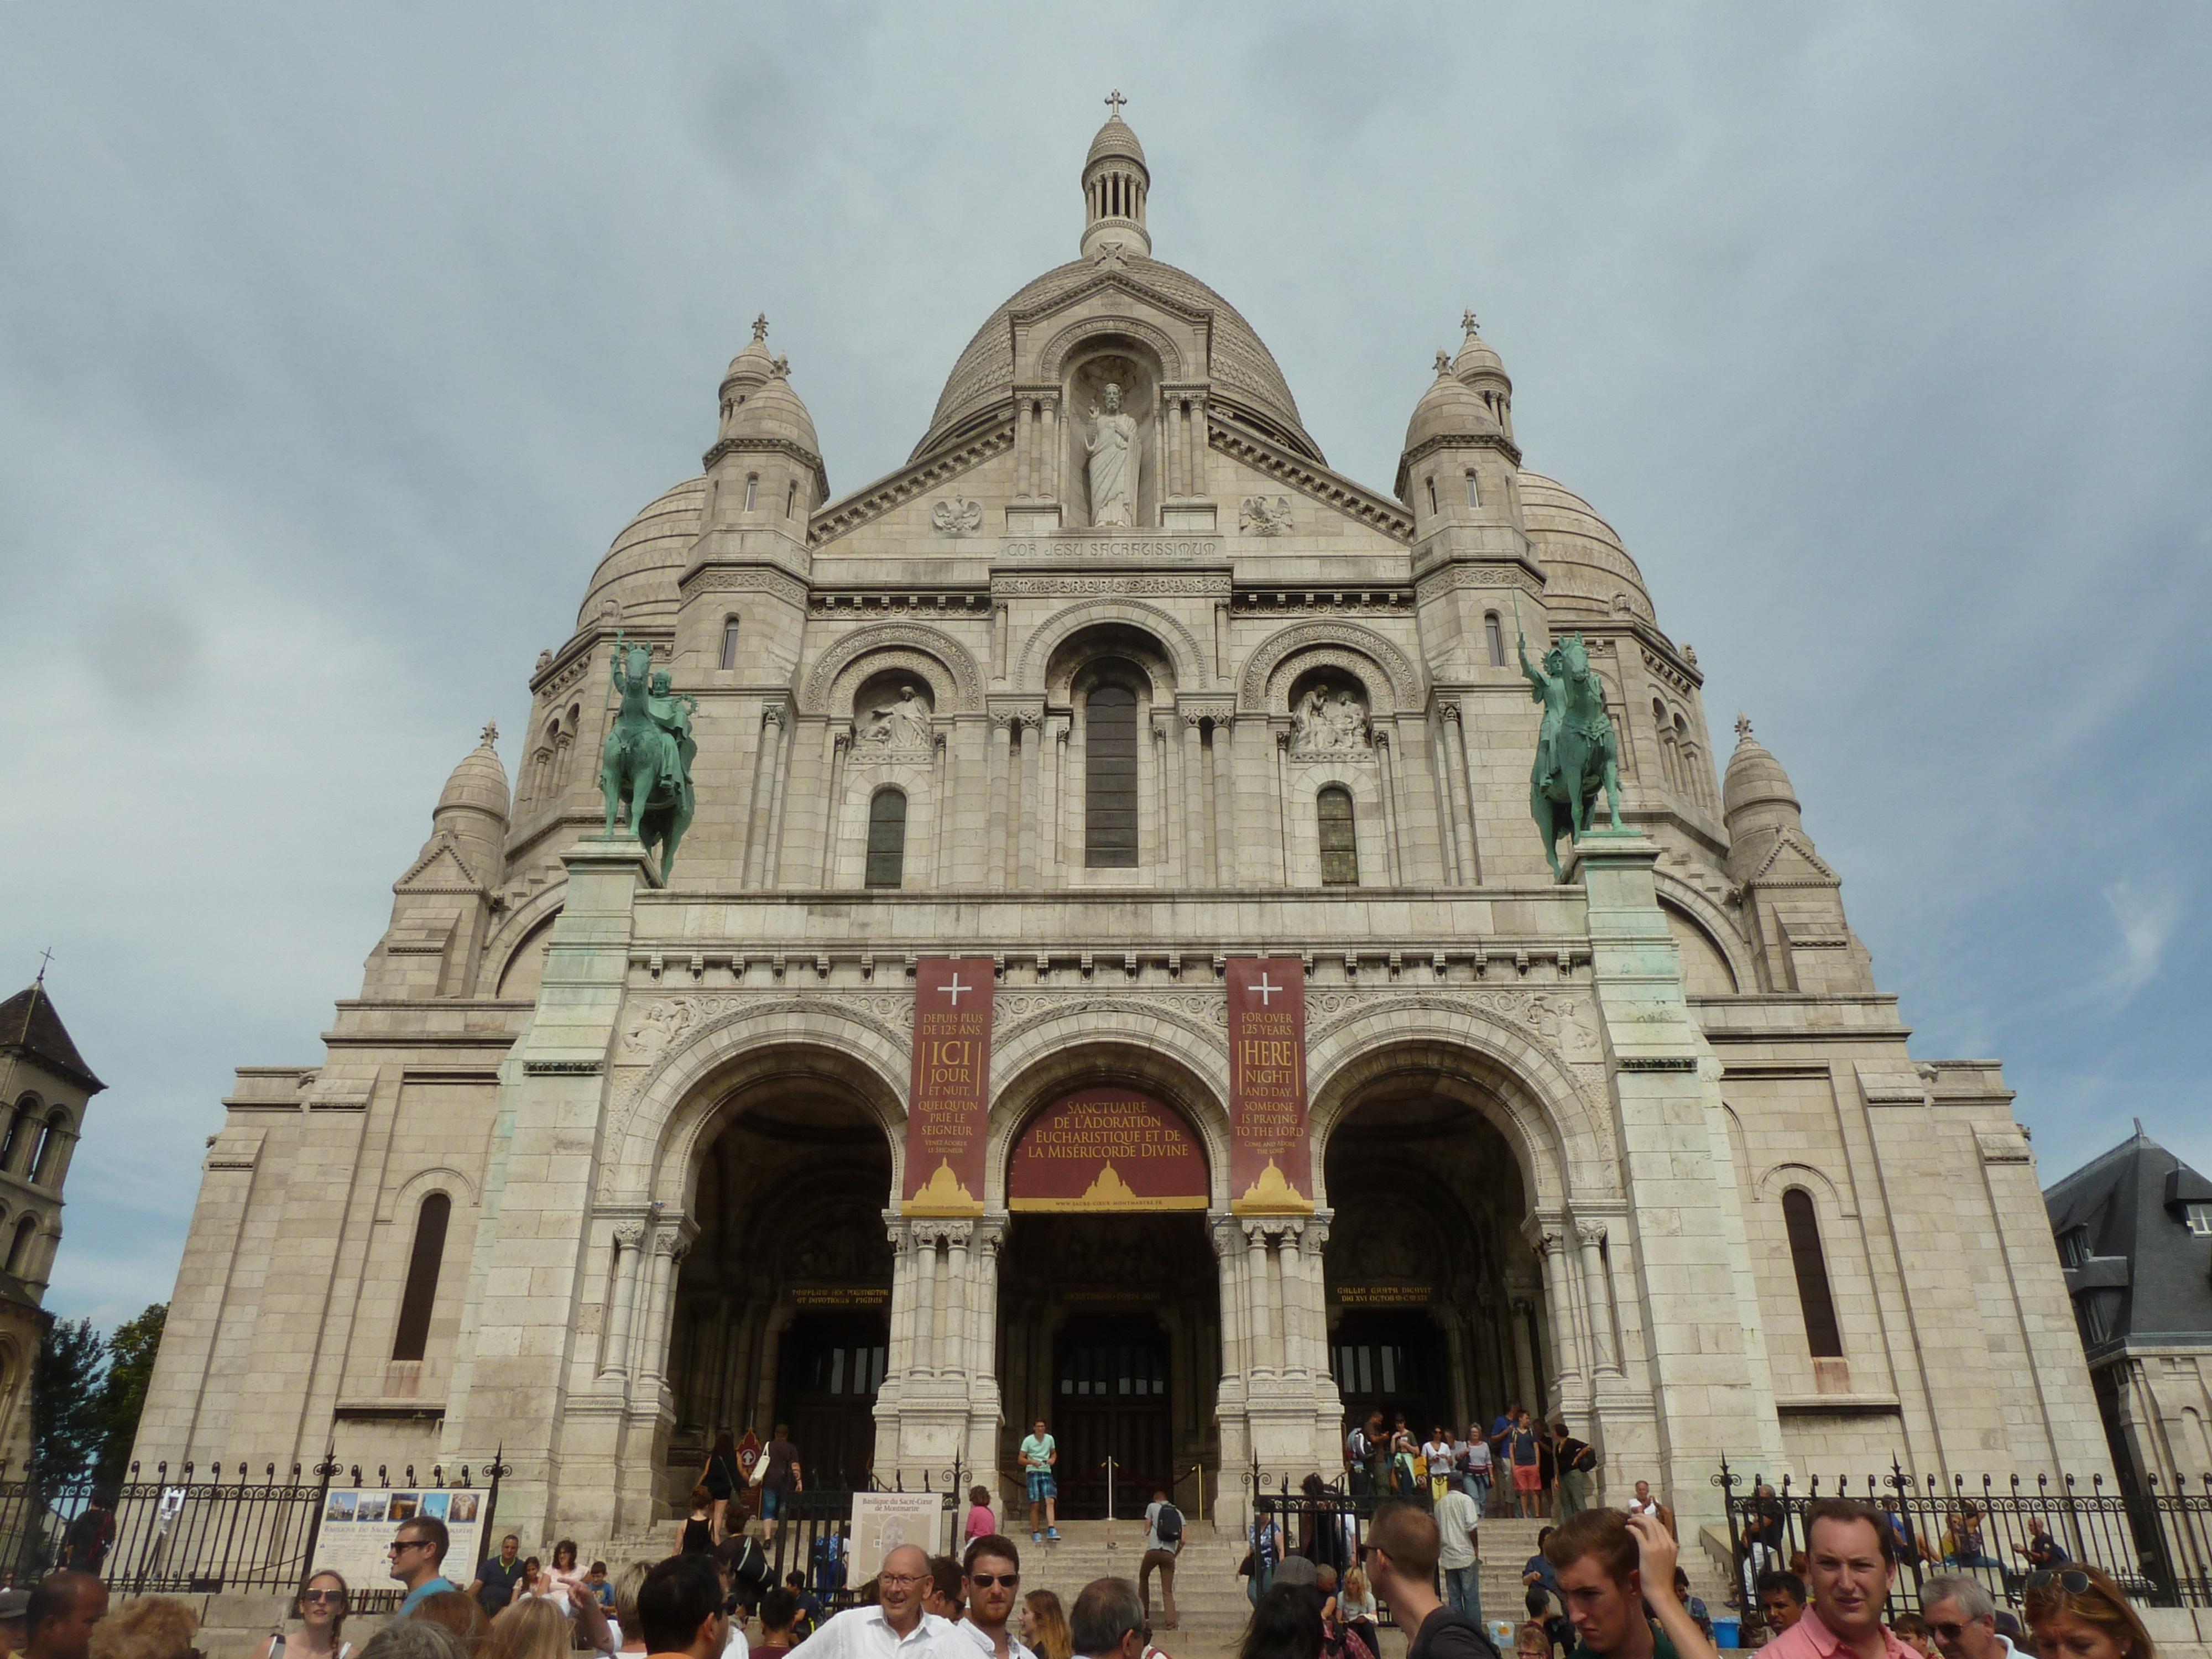 2015-08-26 Paris-Farandole  (15) - Kopie.jpg